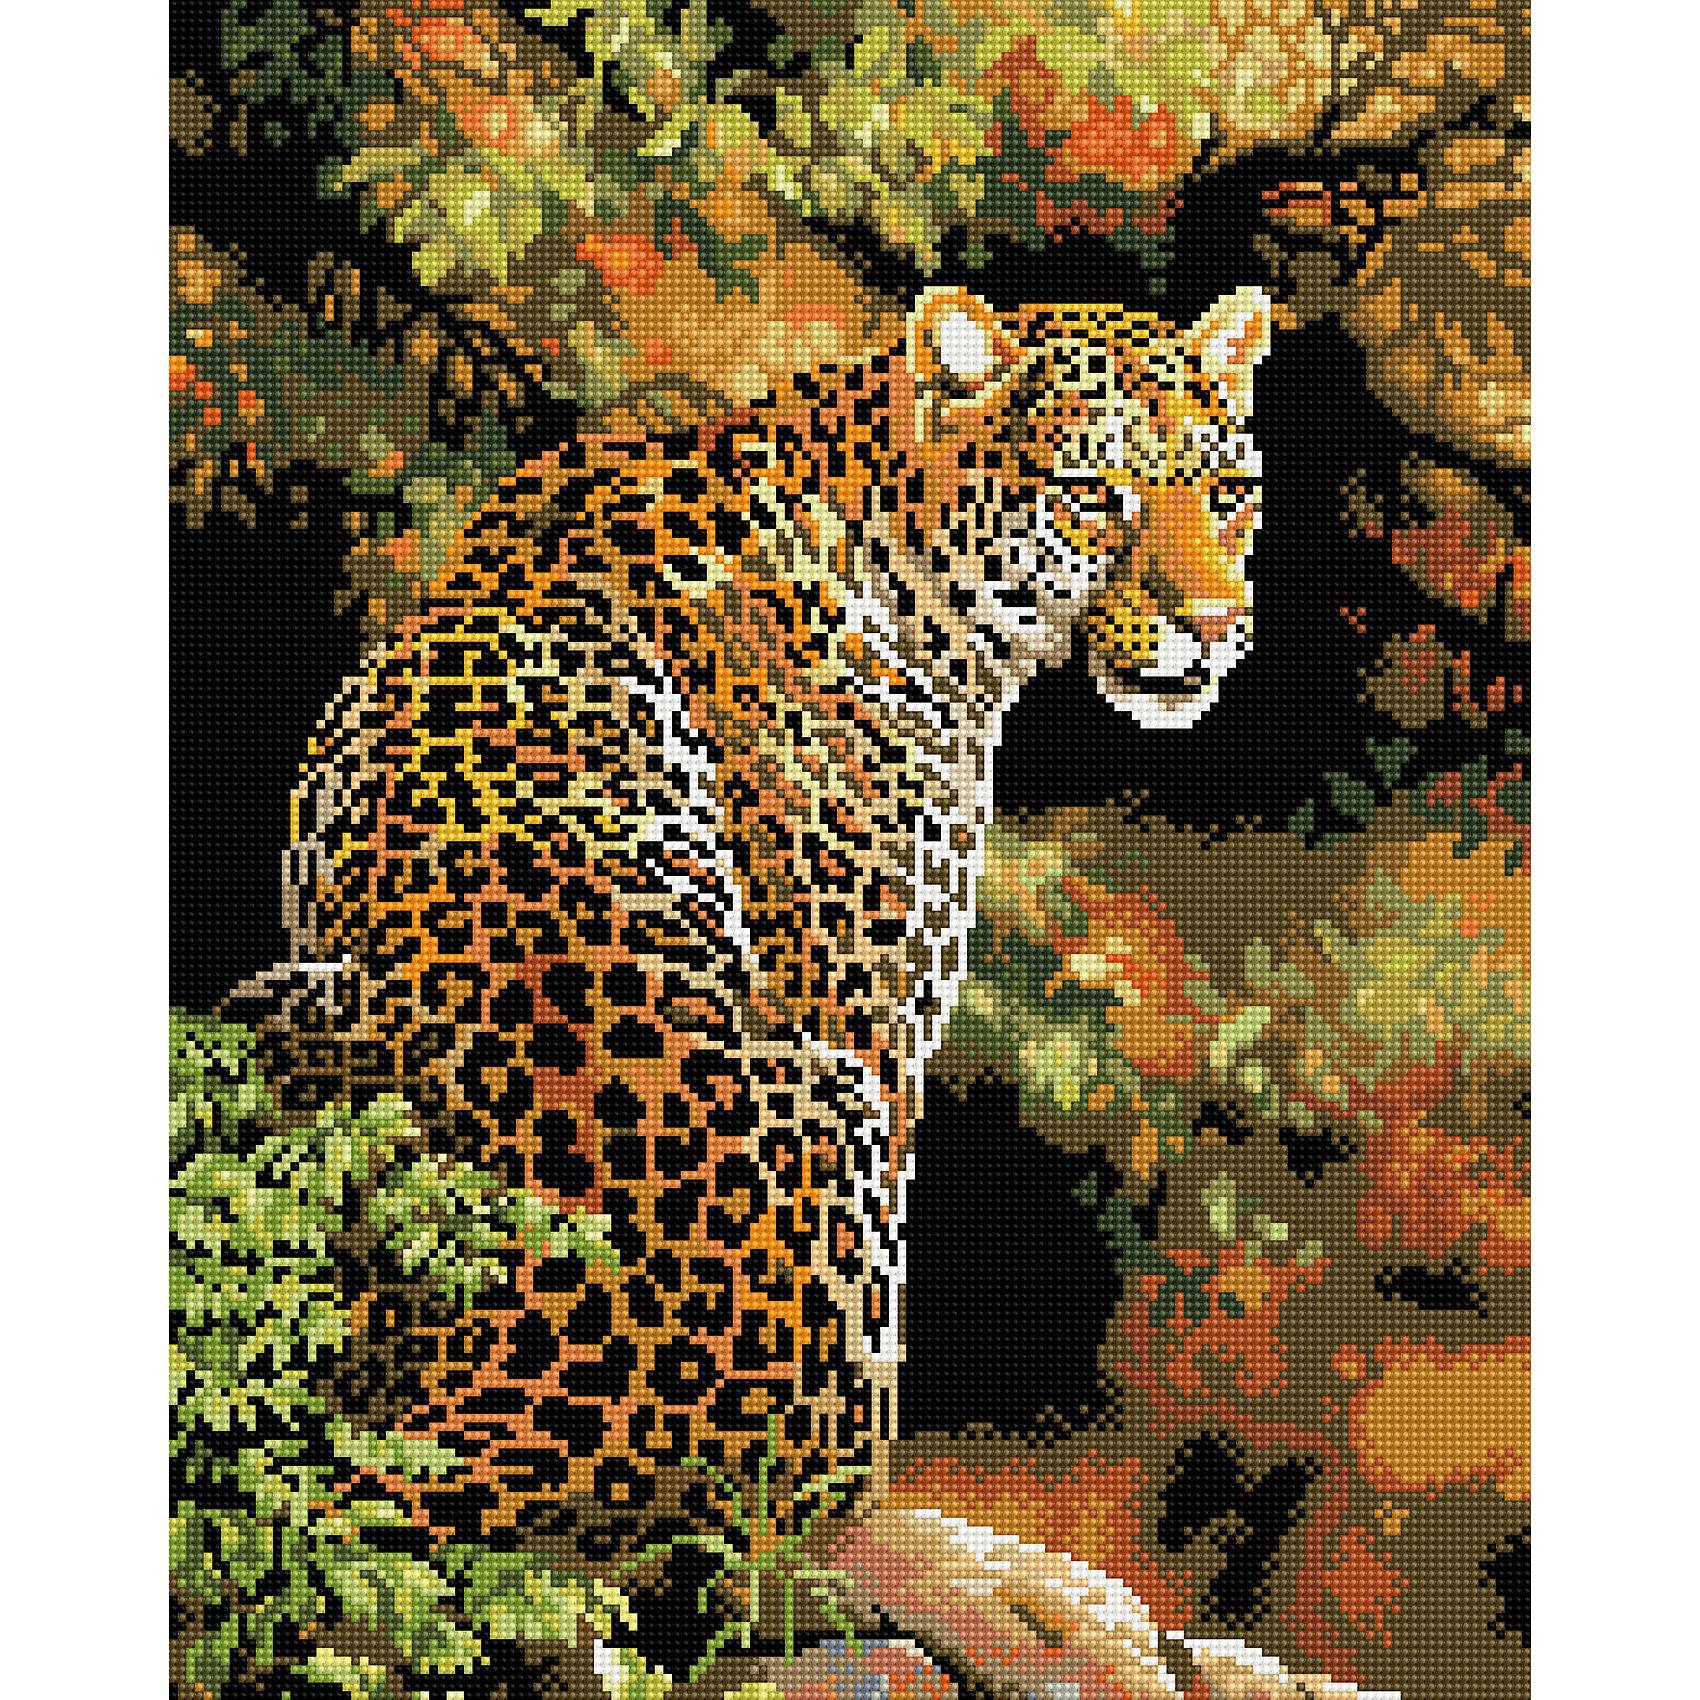 TUKZAR Алмазная мозаика Леопард 40*50 см наборы для поделок цветной алмазная мозаика леопард